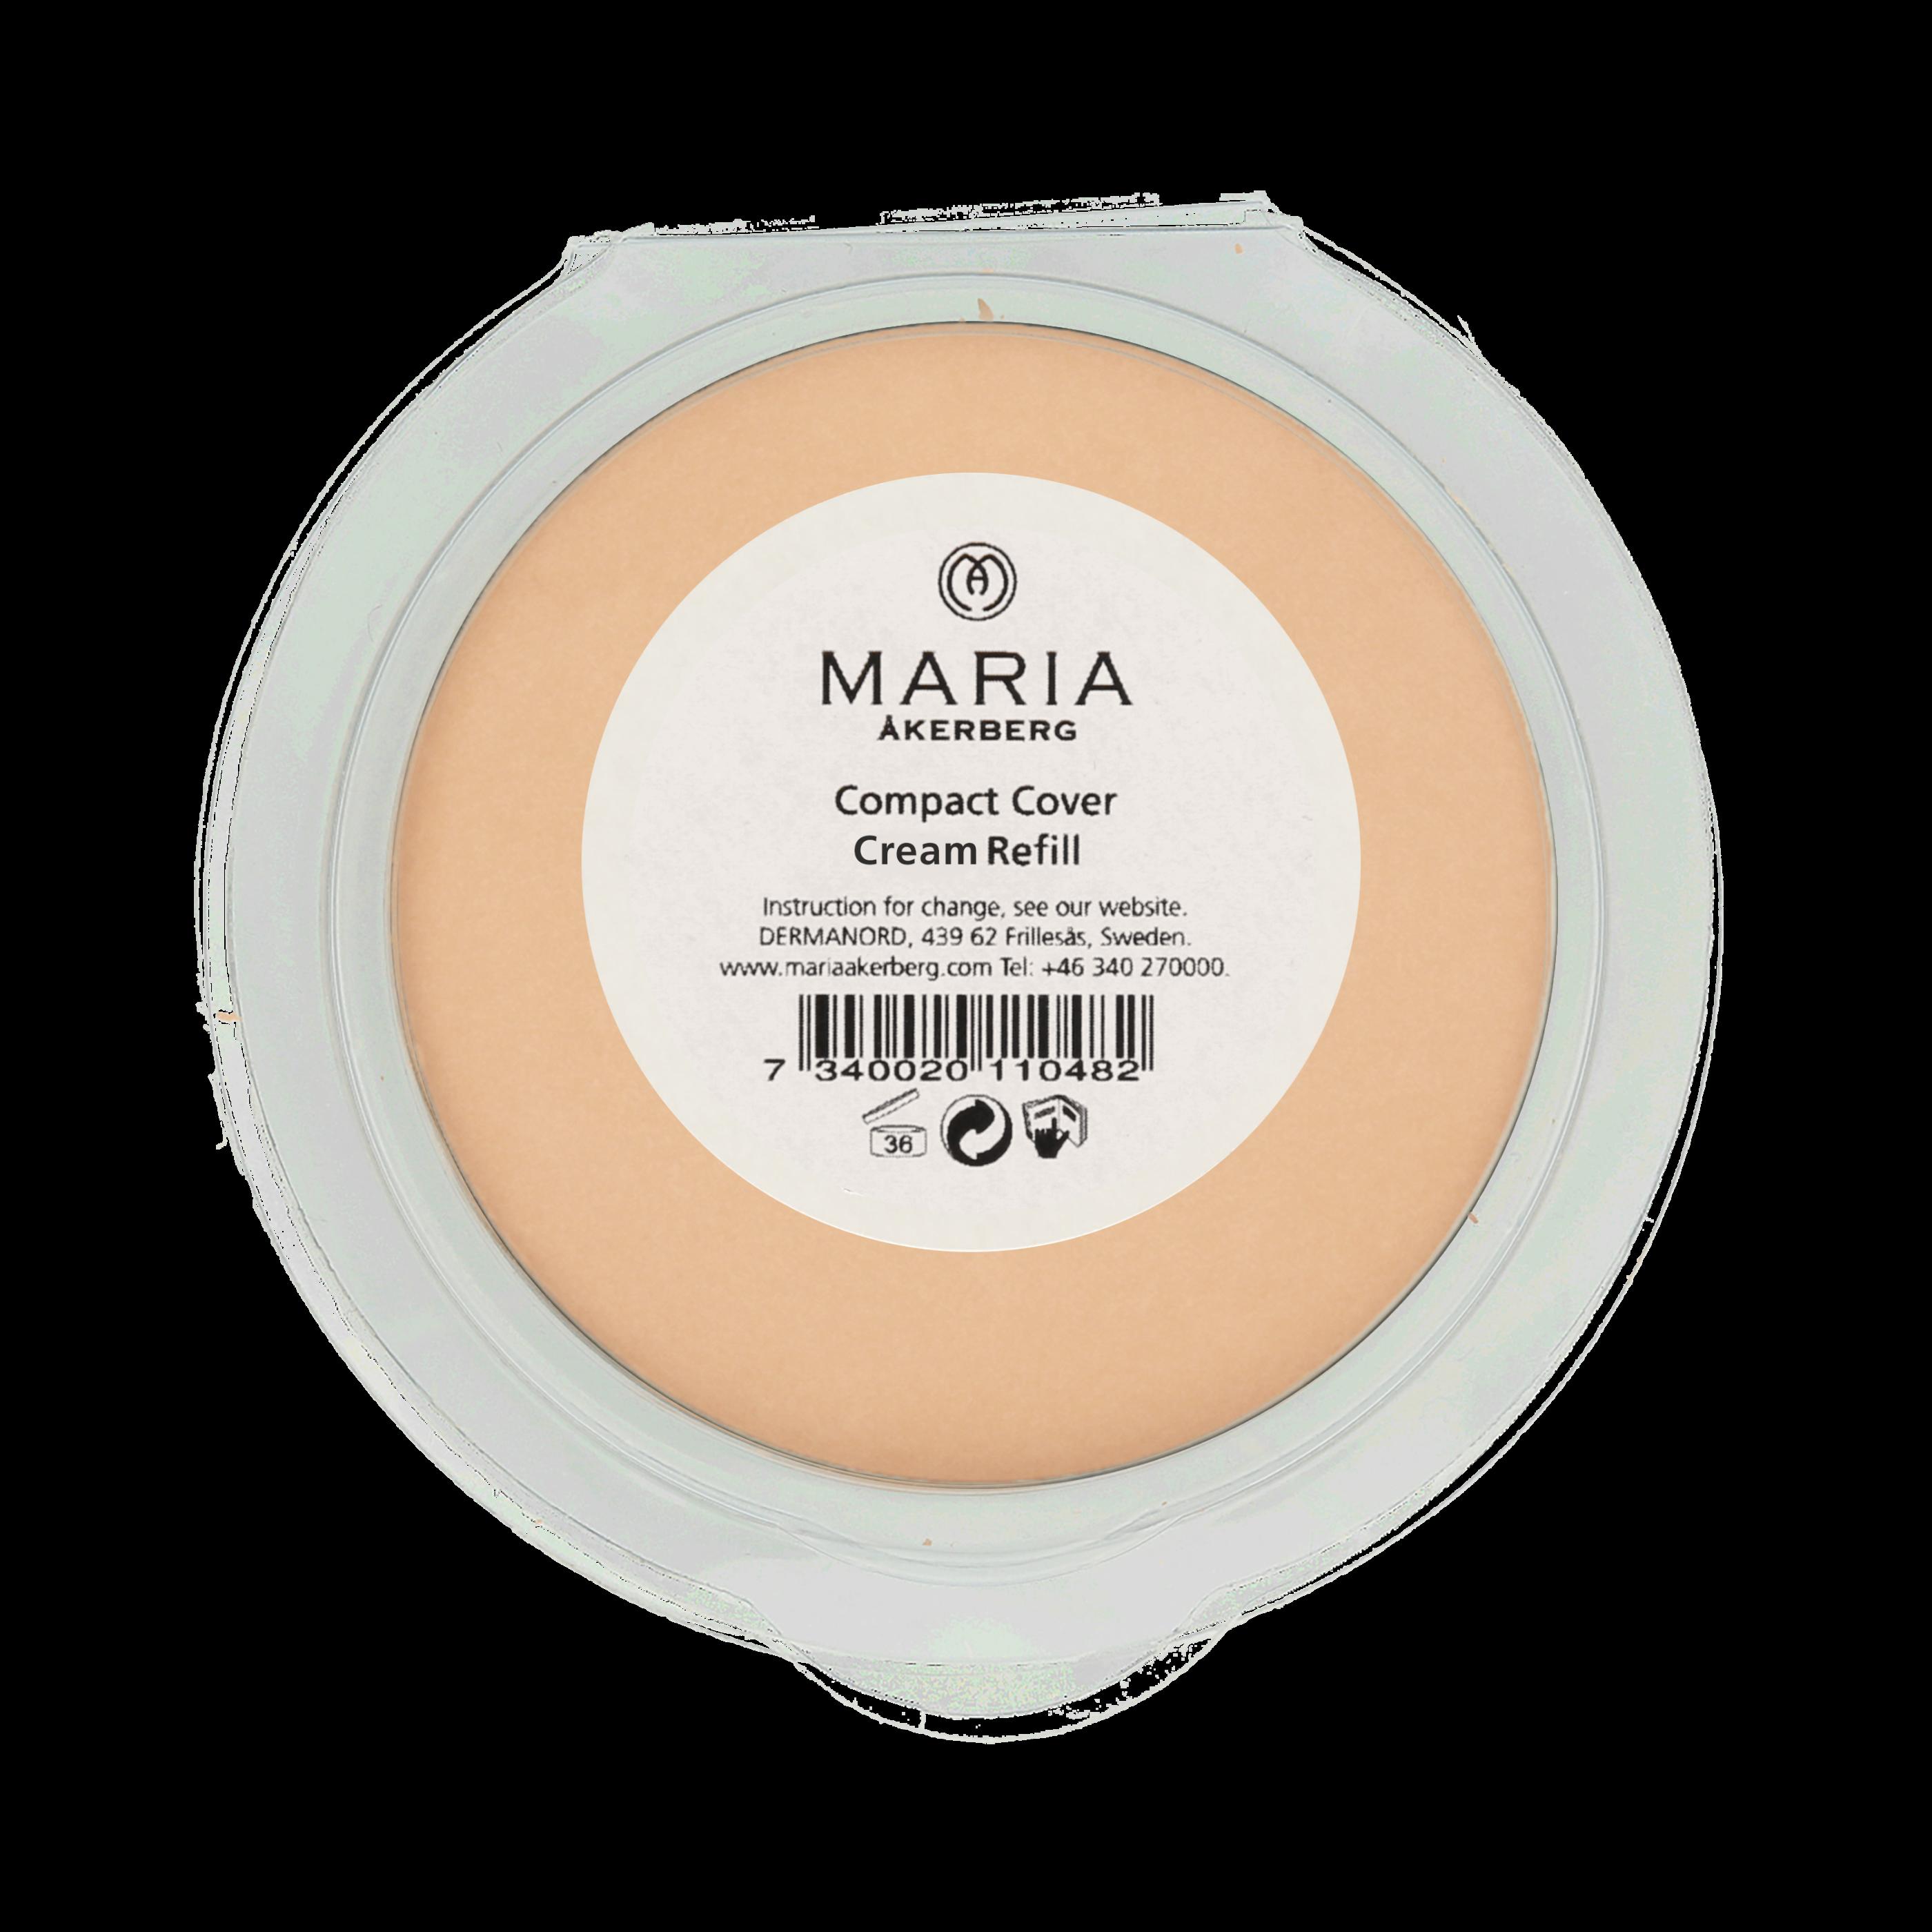 Compact Cover Cream Refill